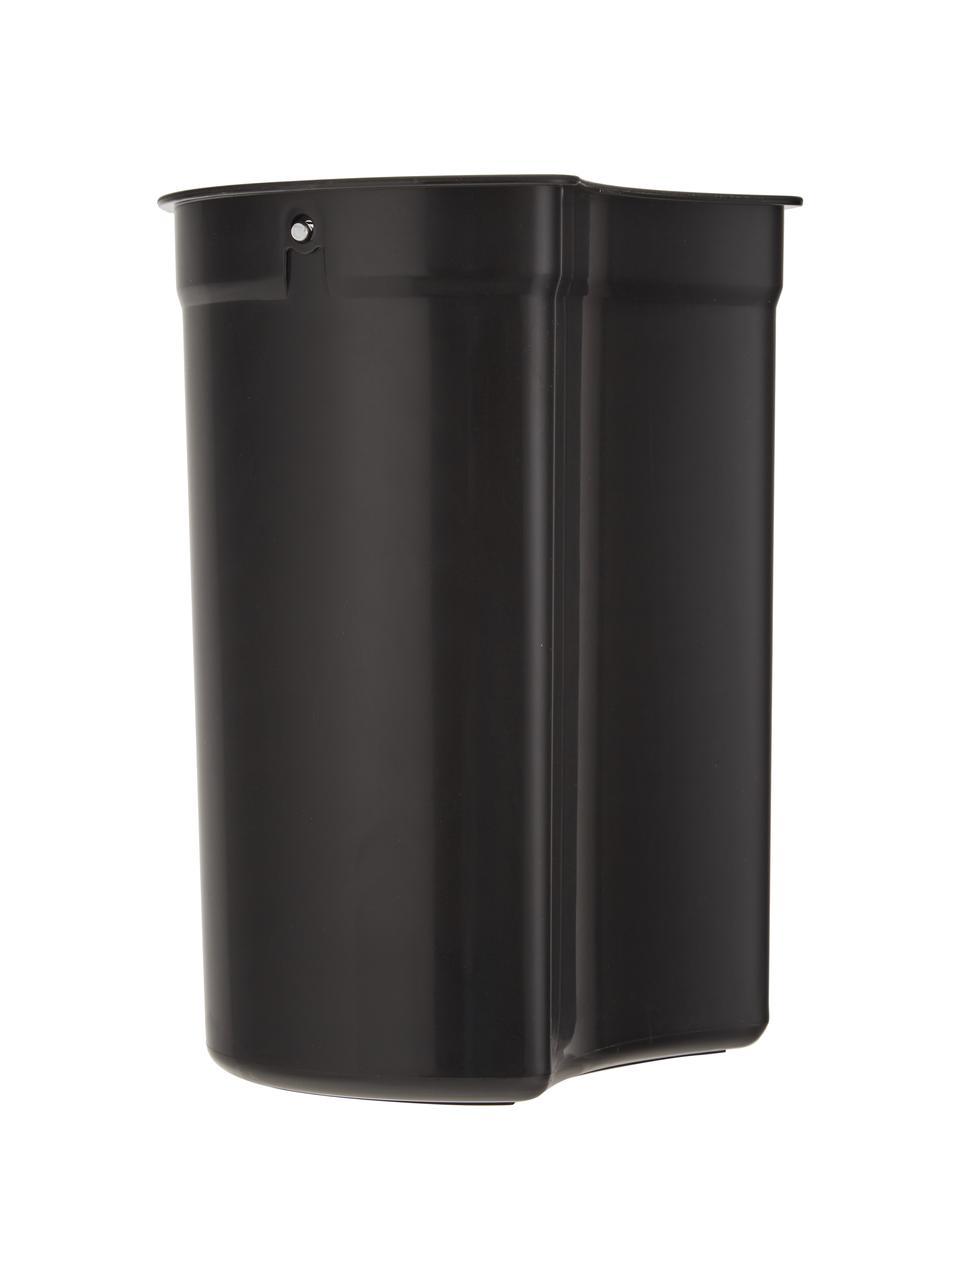 Pattumiera con coperchio softmotion Nova, Materiale sintetico ABS, Bianco, Ø 23 x Alt. 29 cm